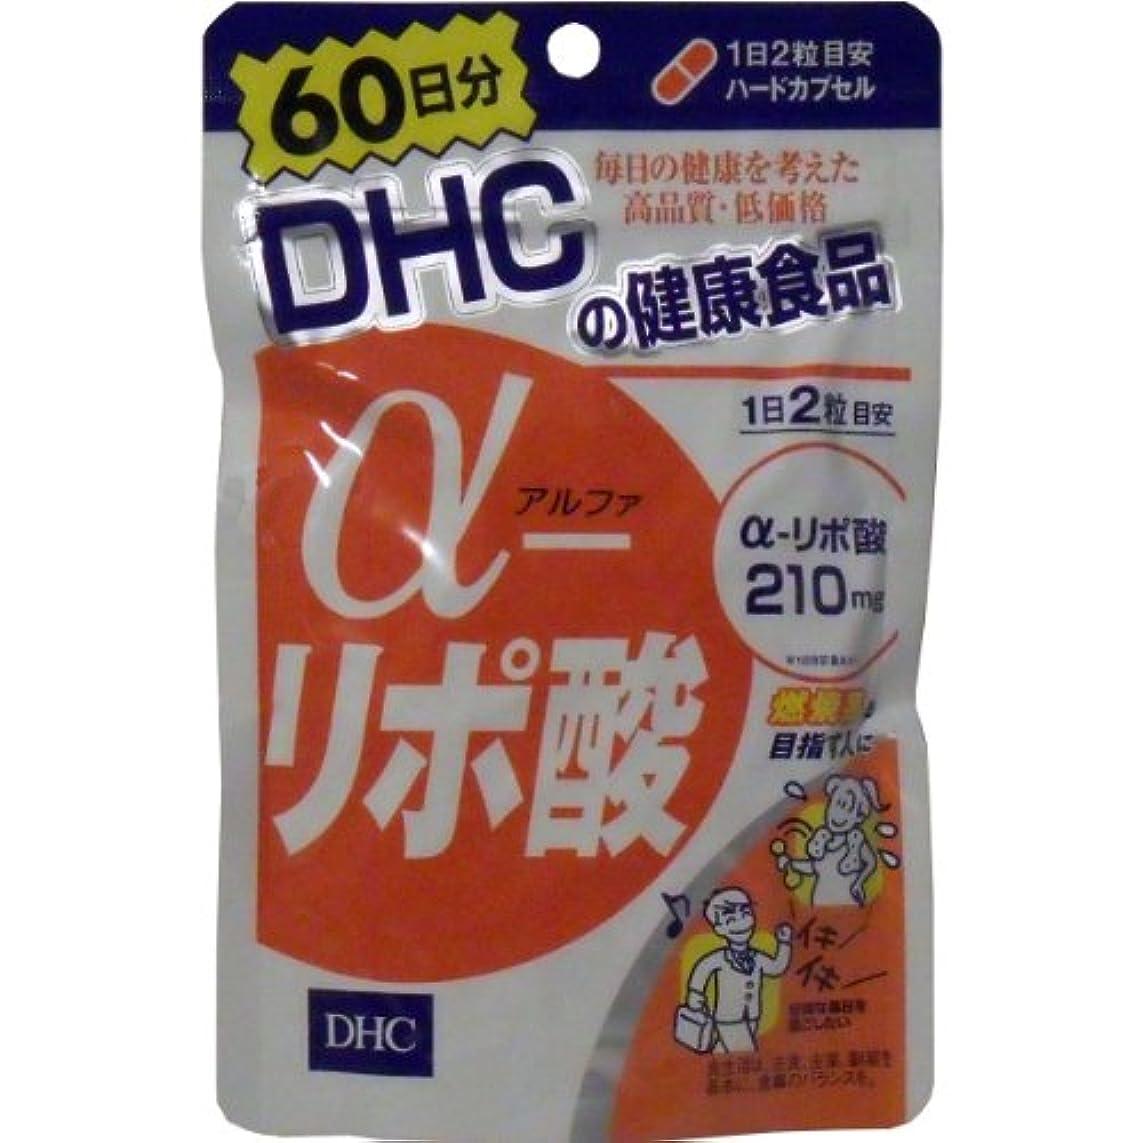 時計回り母サロンα-リポ酸は、もともと体内にあるエネルギー活性成分。サプリメントでの効率的な補給がおすすめ!DHC120粒 60日分